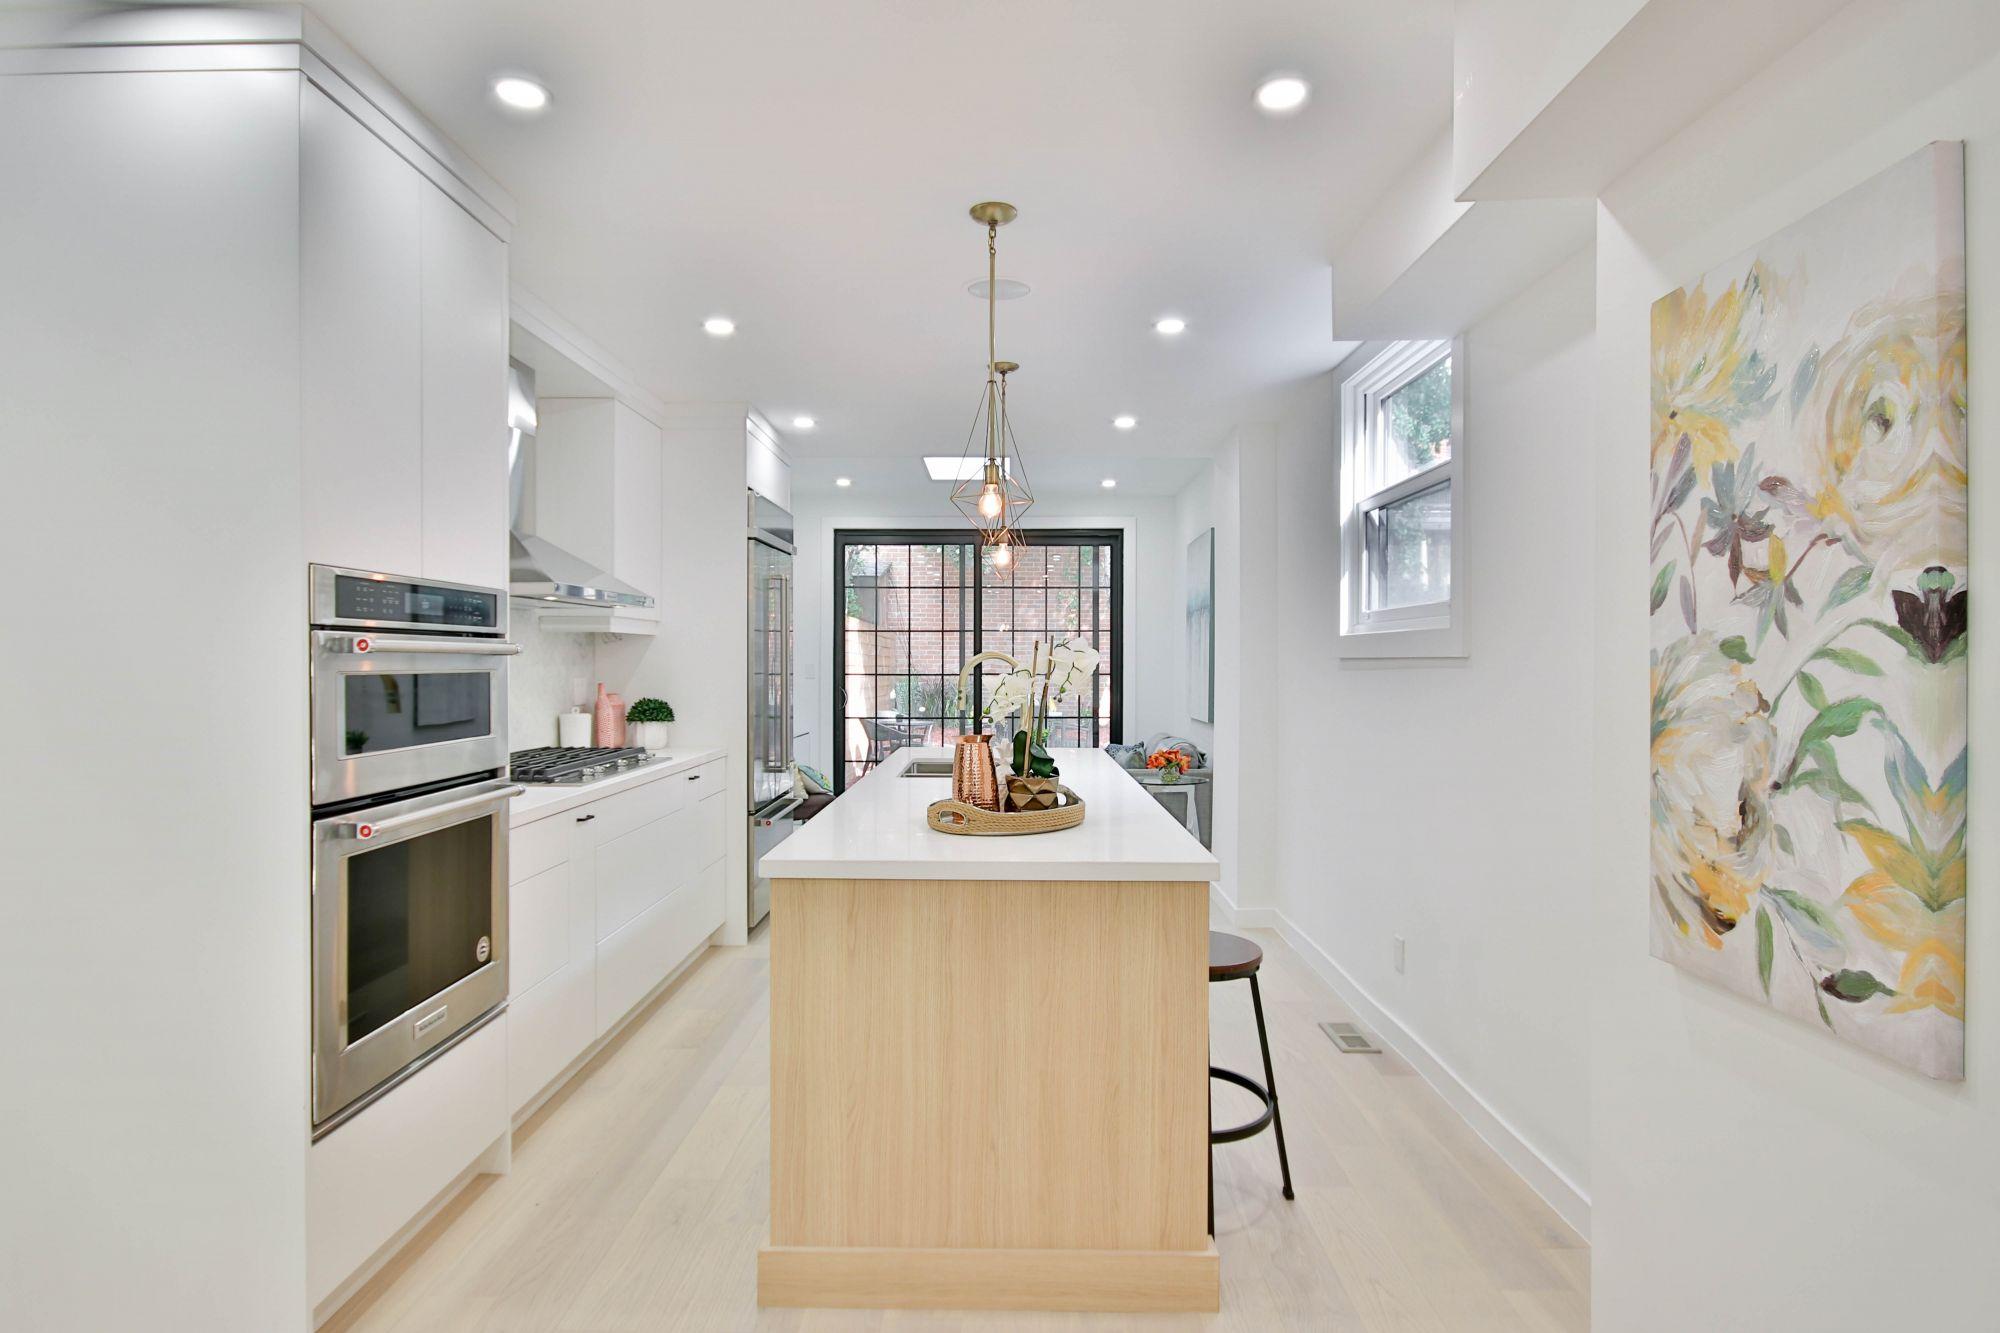 Cucina di stile: contemporanea in bianco etereo